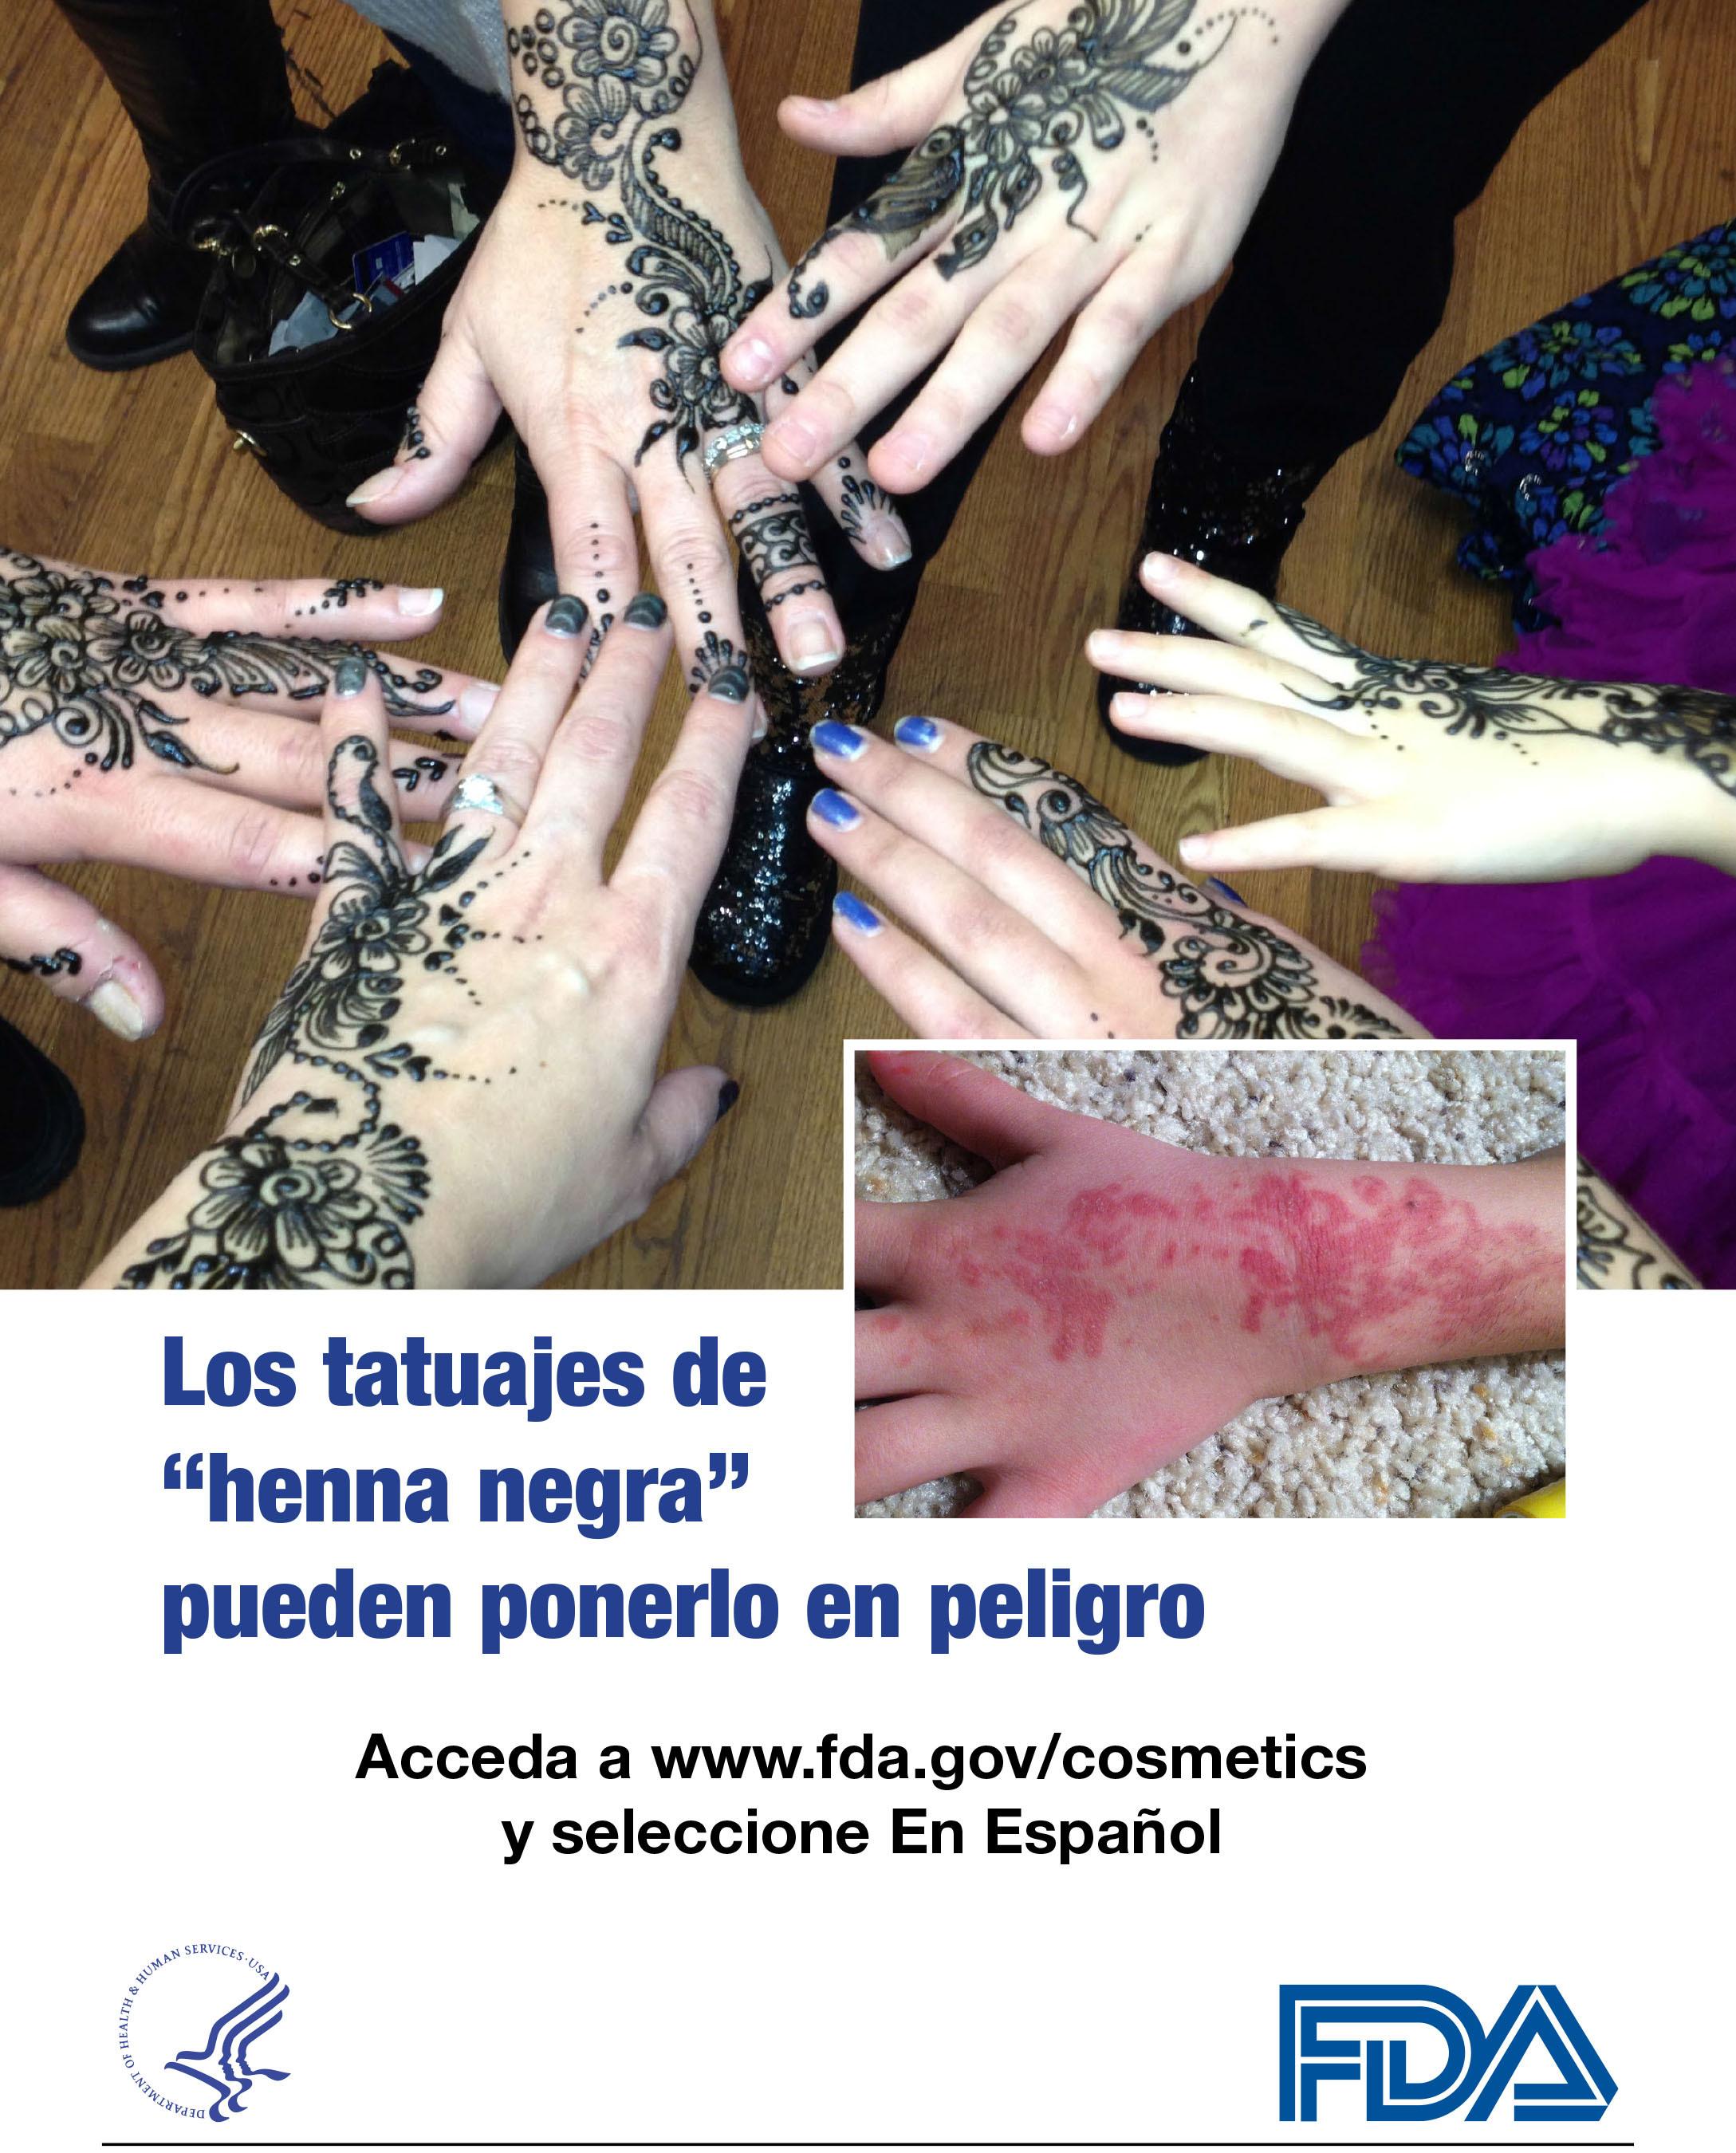 Los tatuajes de 'henna negra' pueden ponerlo en peligro